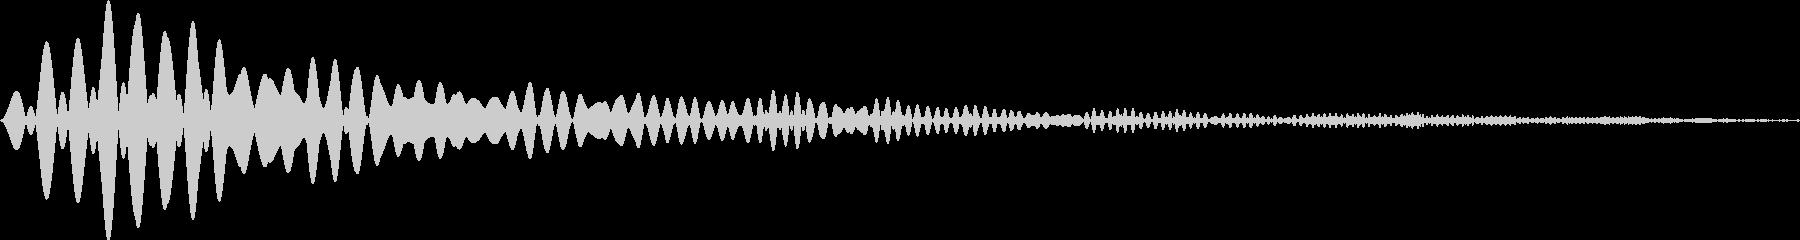 カーソル・決定・キャンセル音 「ポウィ」の未再生の波形